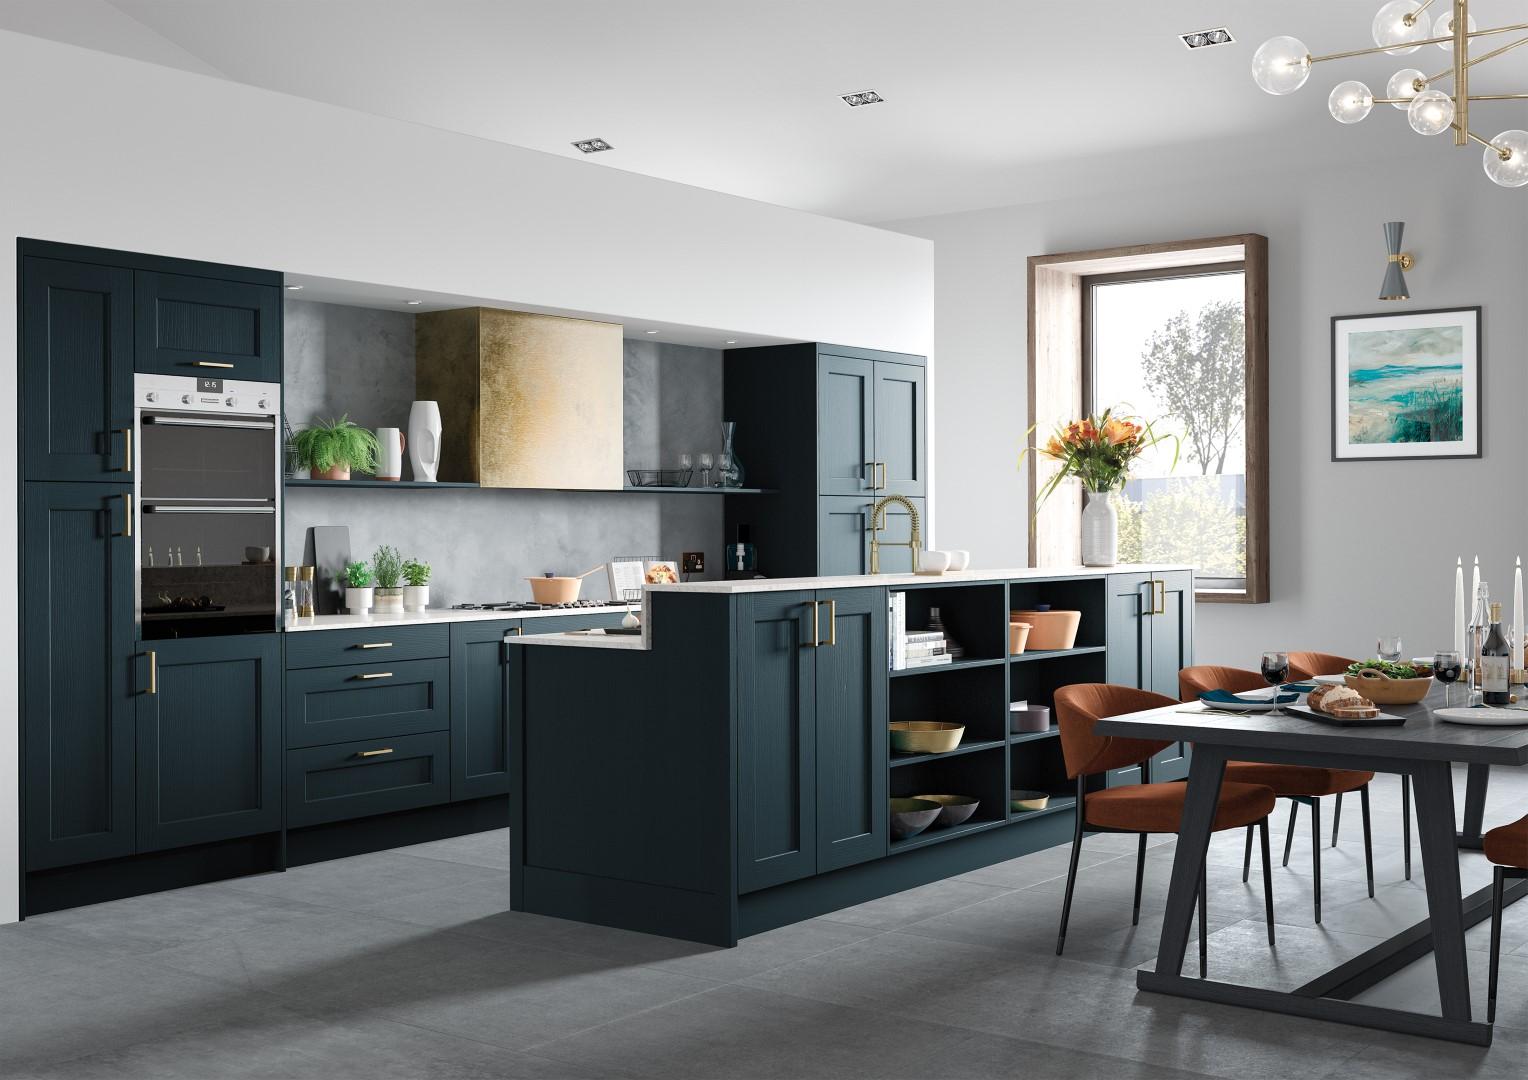 Wakefield Marine Kitchen - Kitchen Design - Alan Kelly Kitchens - Waterford